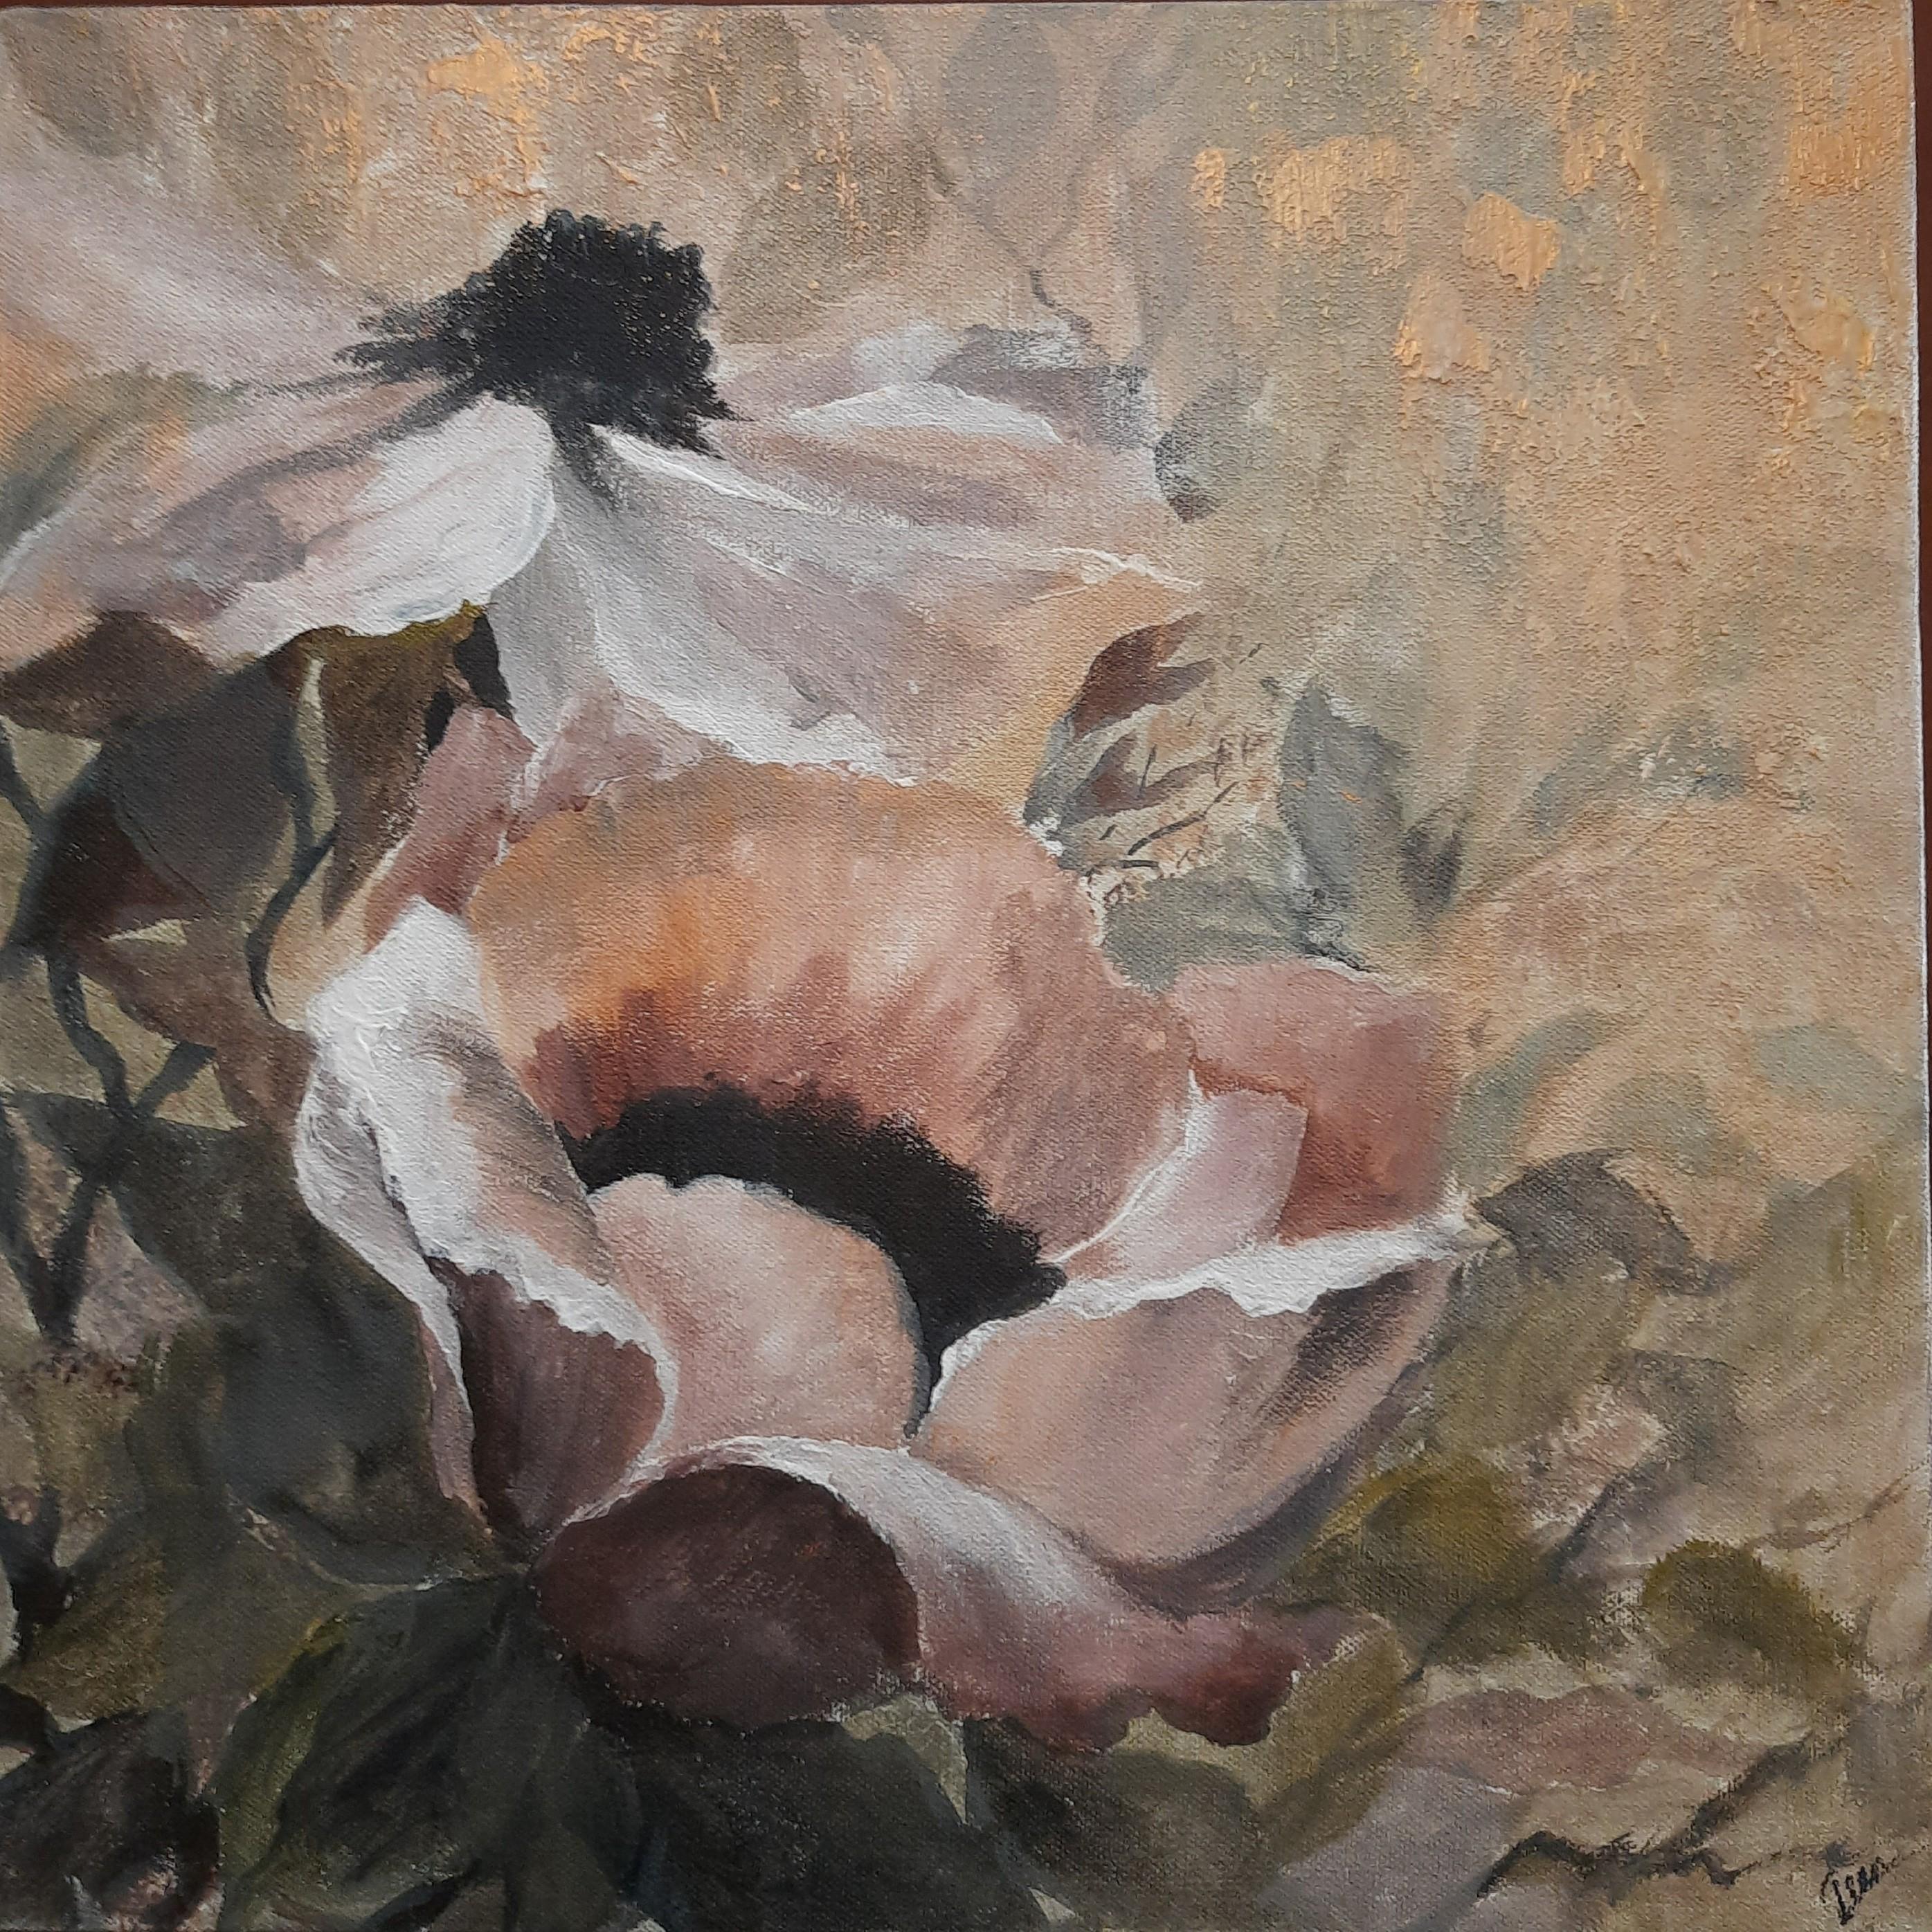 Wild bloomers8 by Jean wijesekera